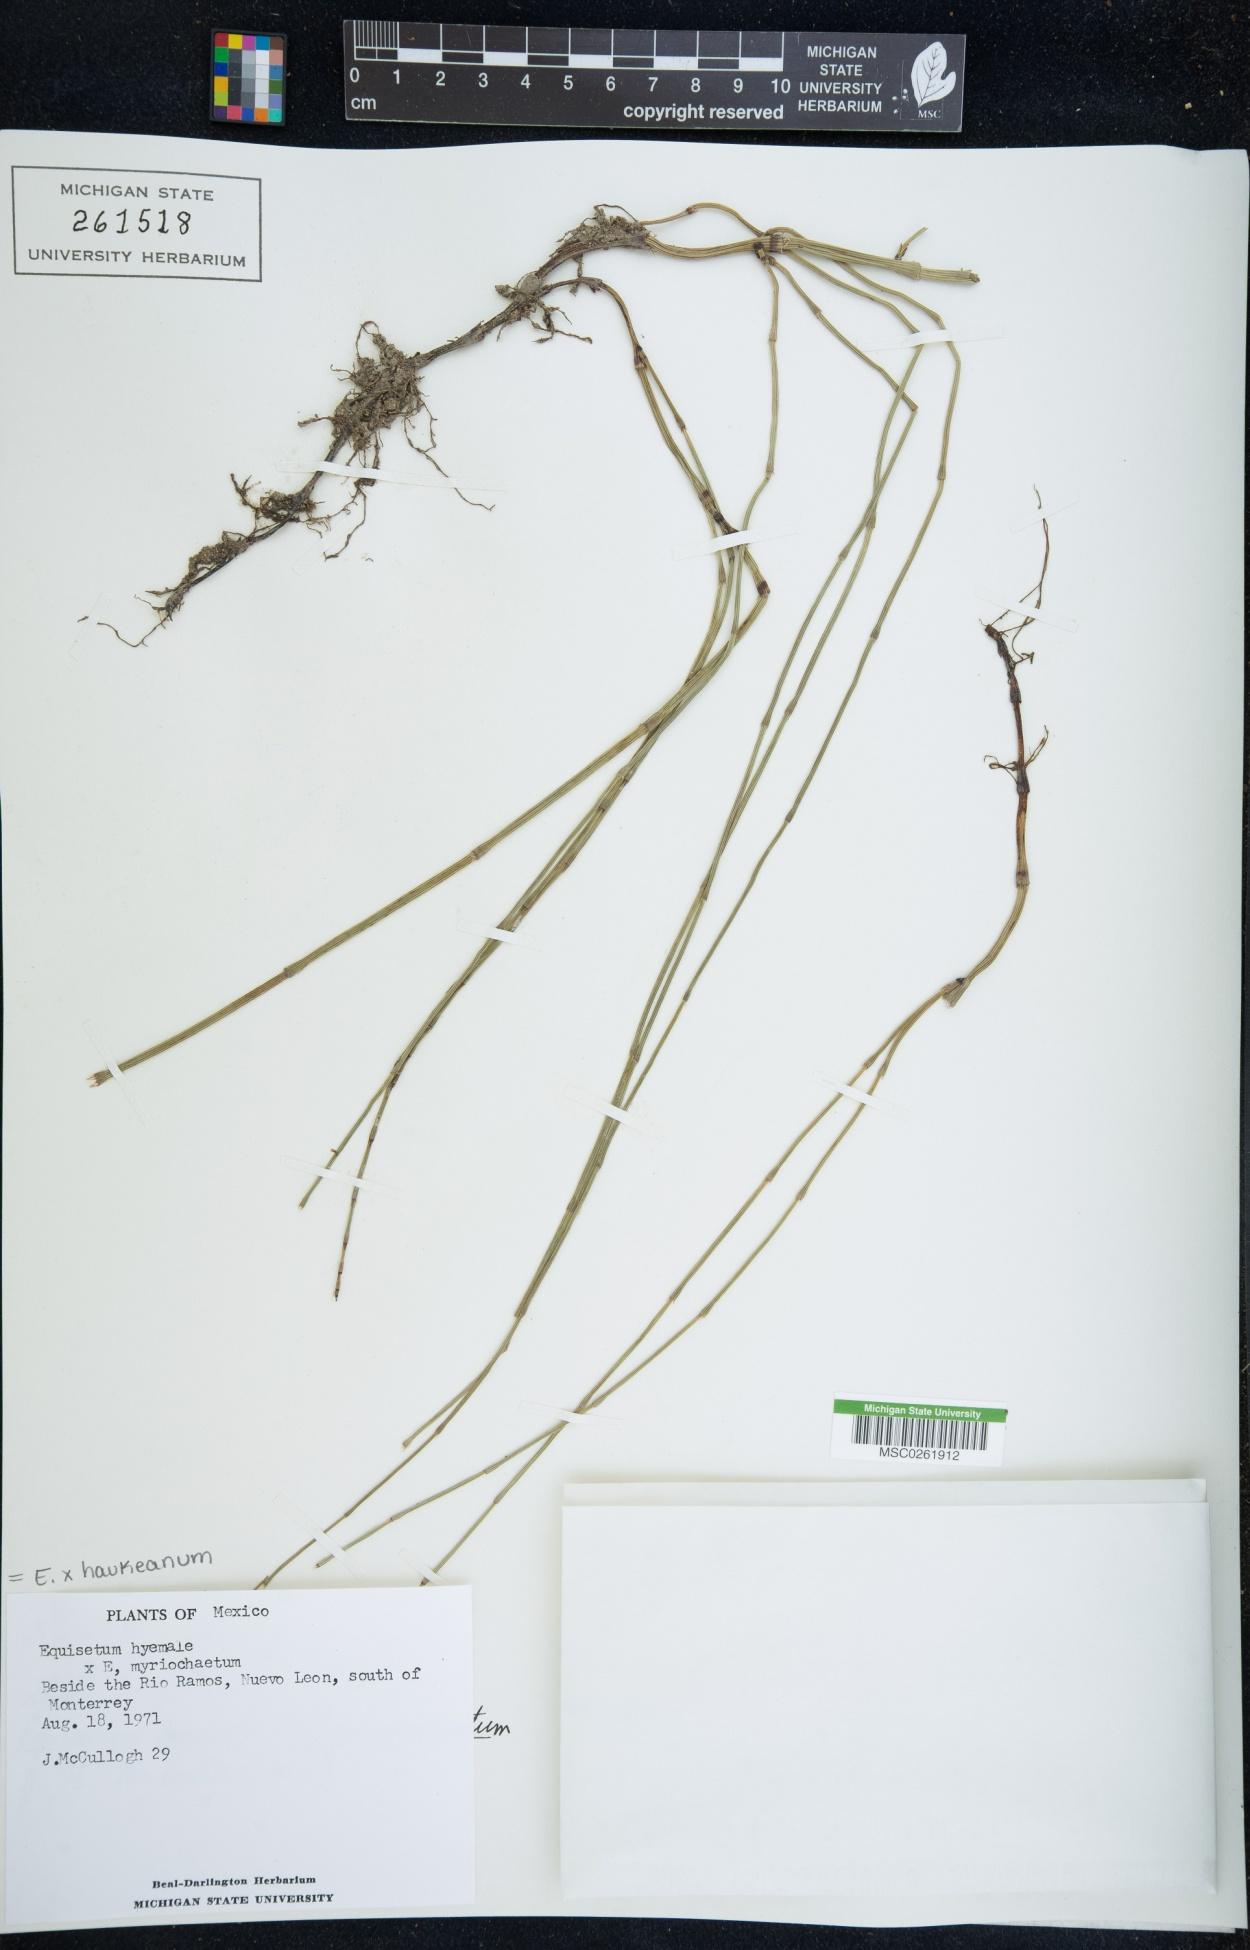 Equisetum x haukeanum image